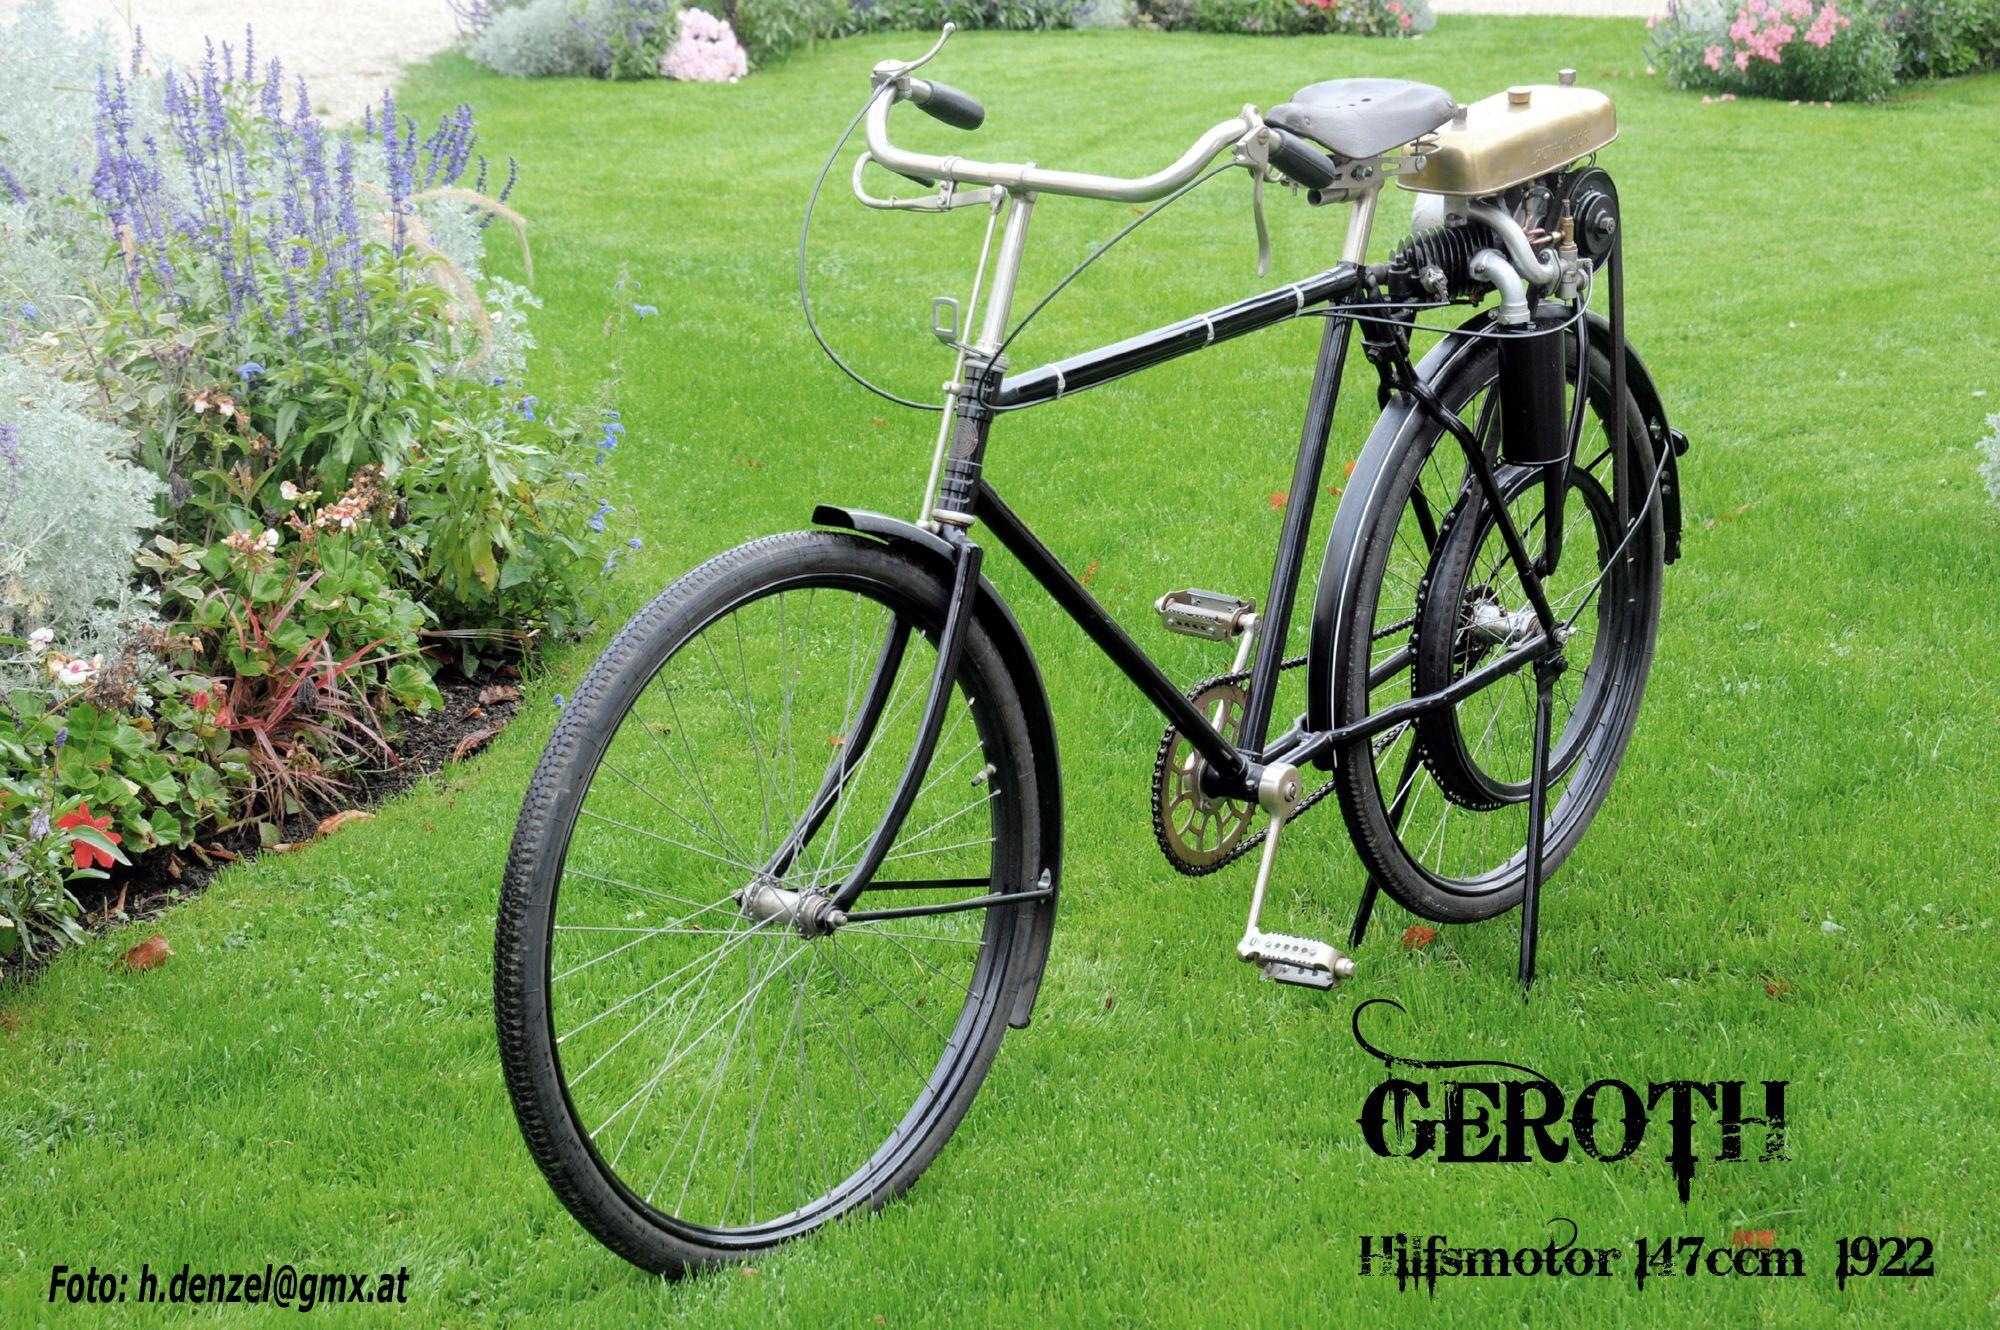 geroth hilfsmotor 147ccm 1922 benzinradl 39 n pinterest motor motorrad und oldtimer. Black Bedroom Furniture Sets. Home Design Ideas